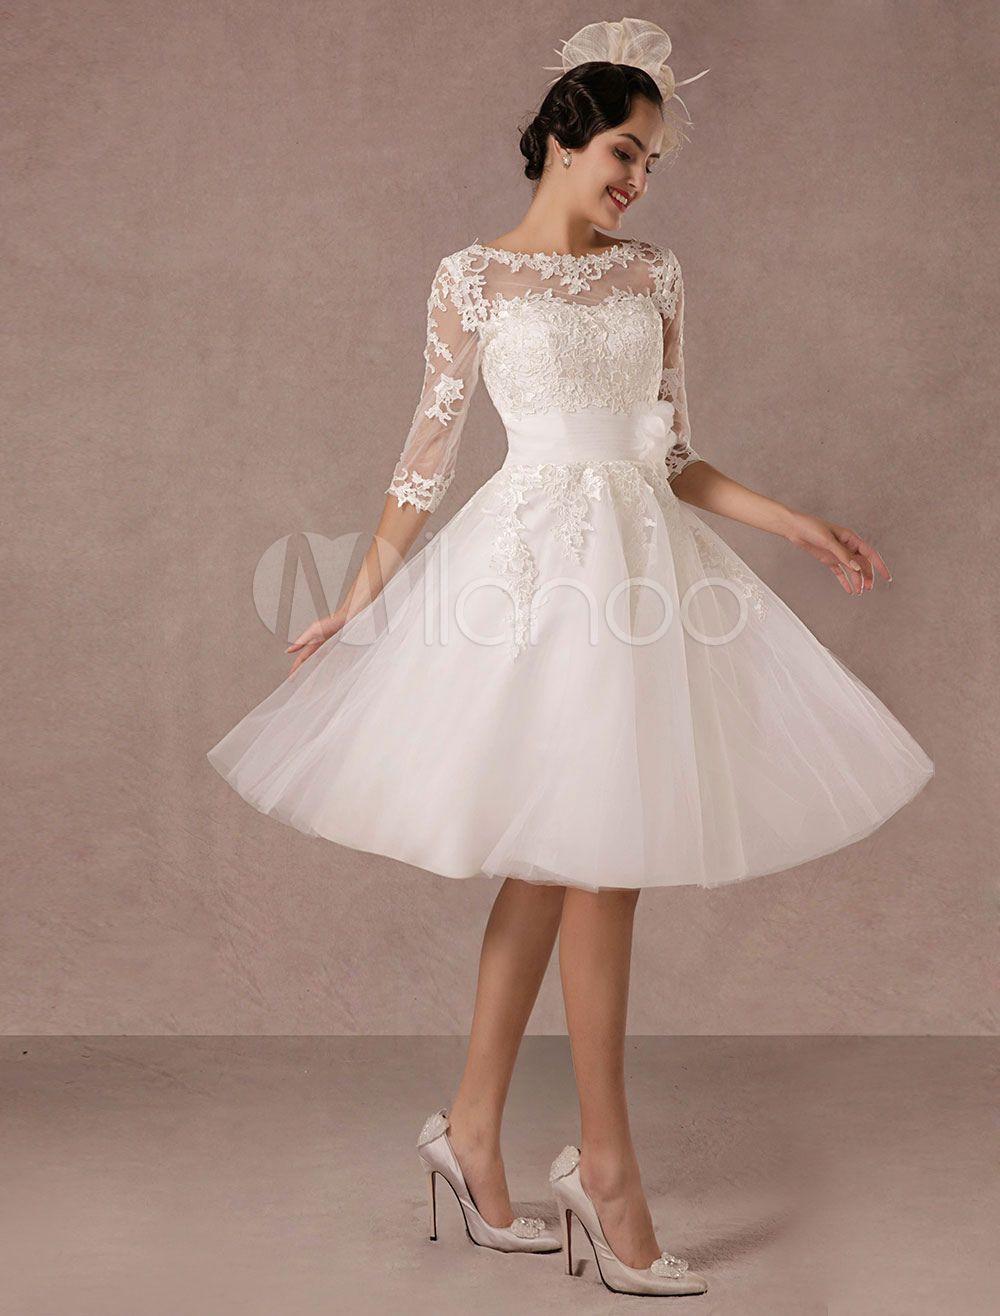 Hochzeitskleid 2019  Kurz Hochzeitskleid 2019 Vintage Spitzenapplikation Lange